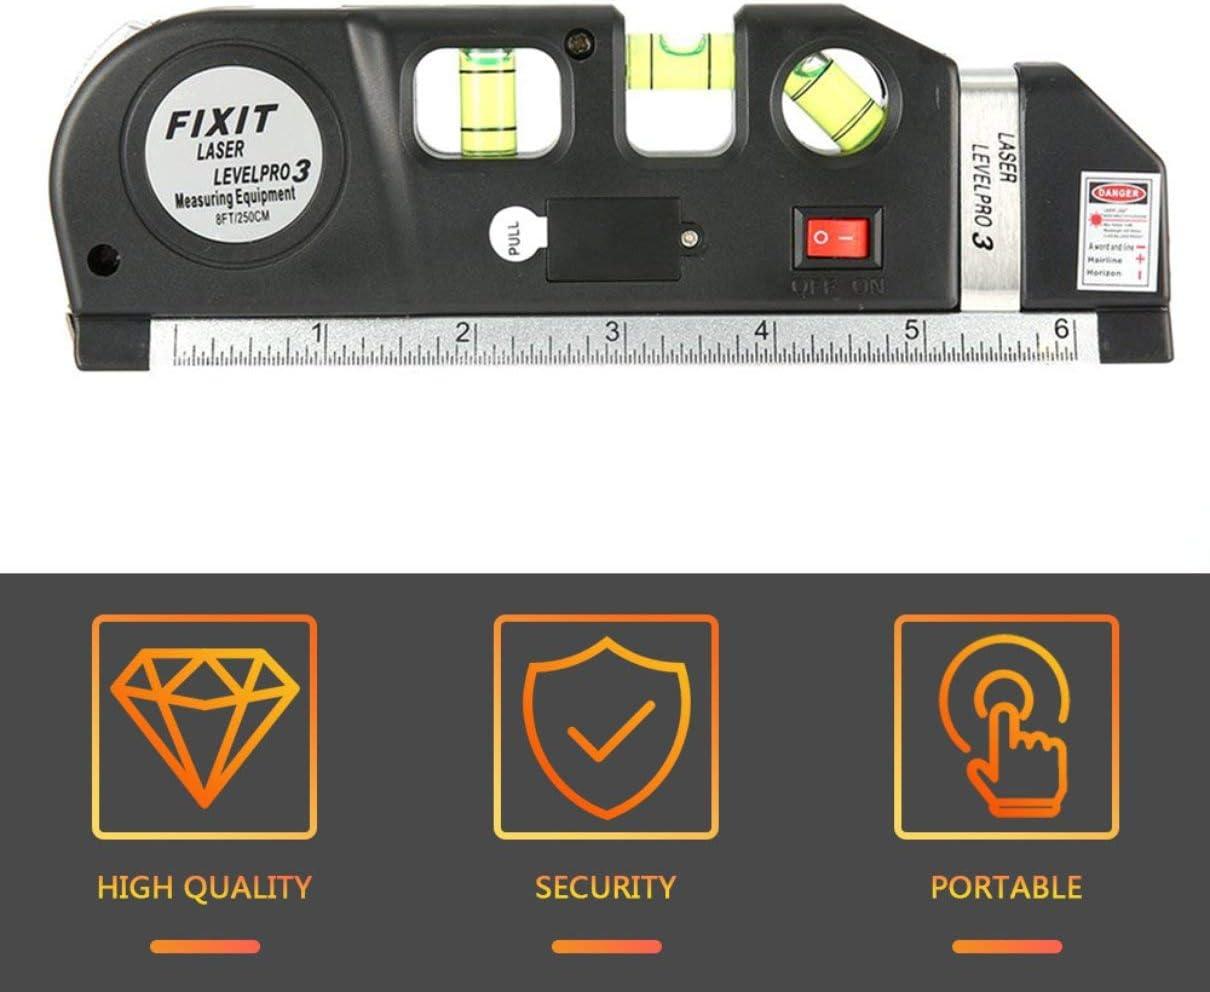 Niveau laser Horizon Mesure verticale 8FT Aligner Standard et r/ègle m/étrique Niveau de mesure polyvalent Laser Noir